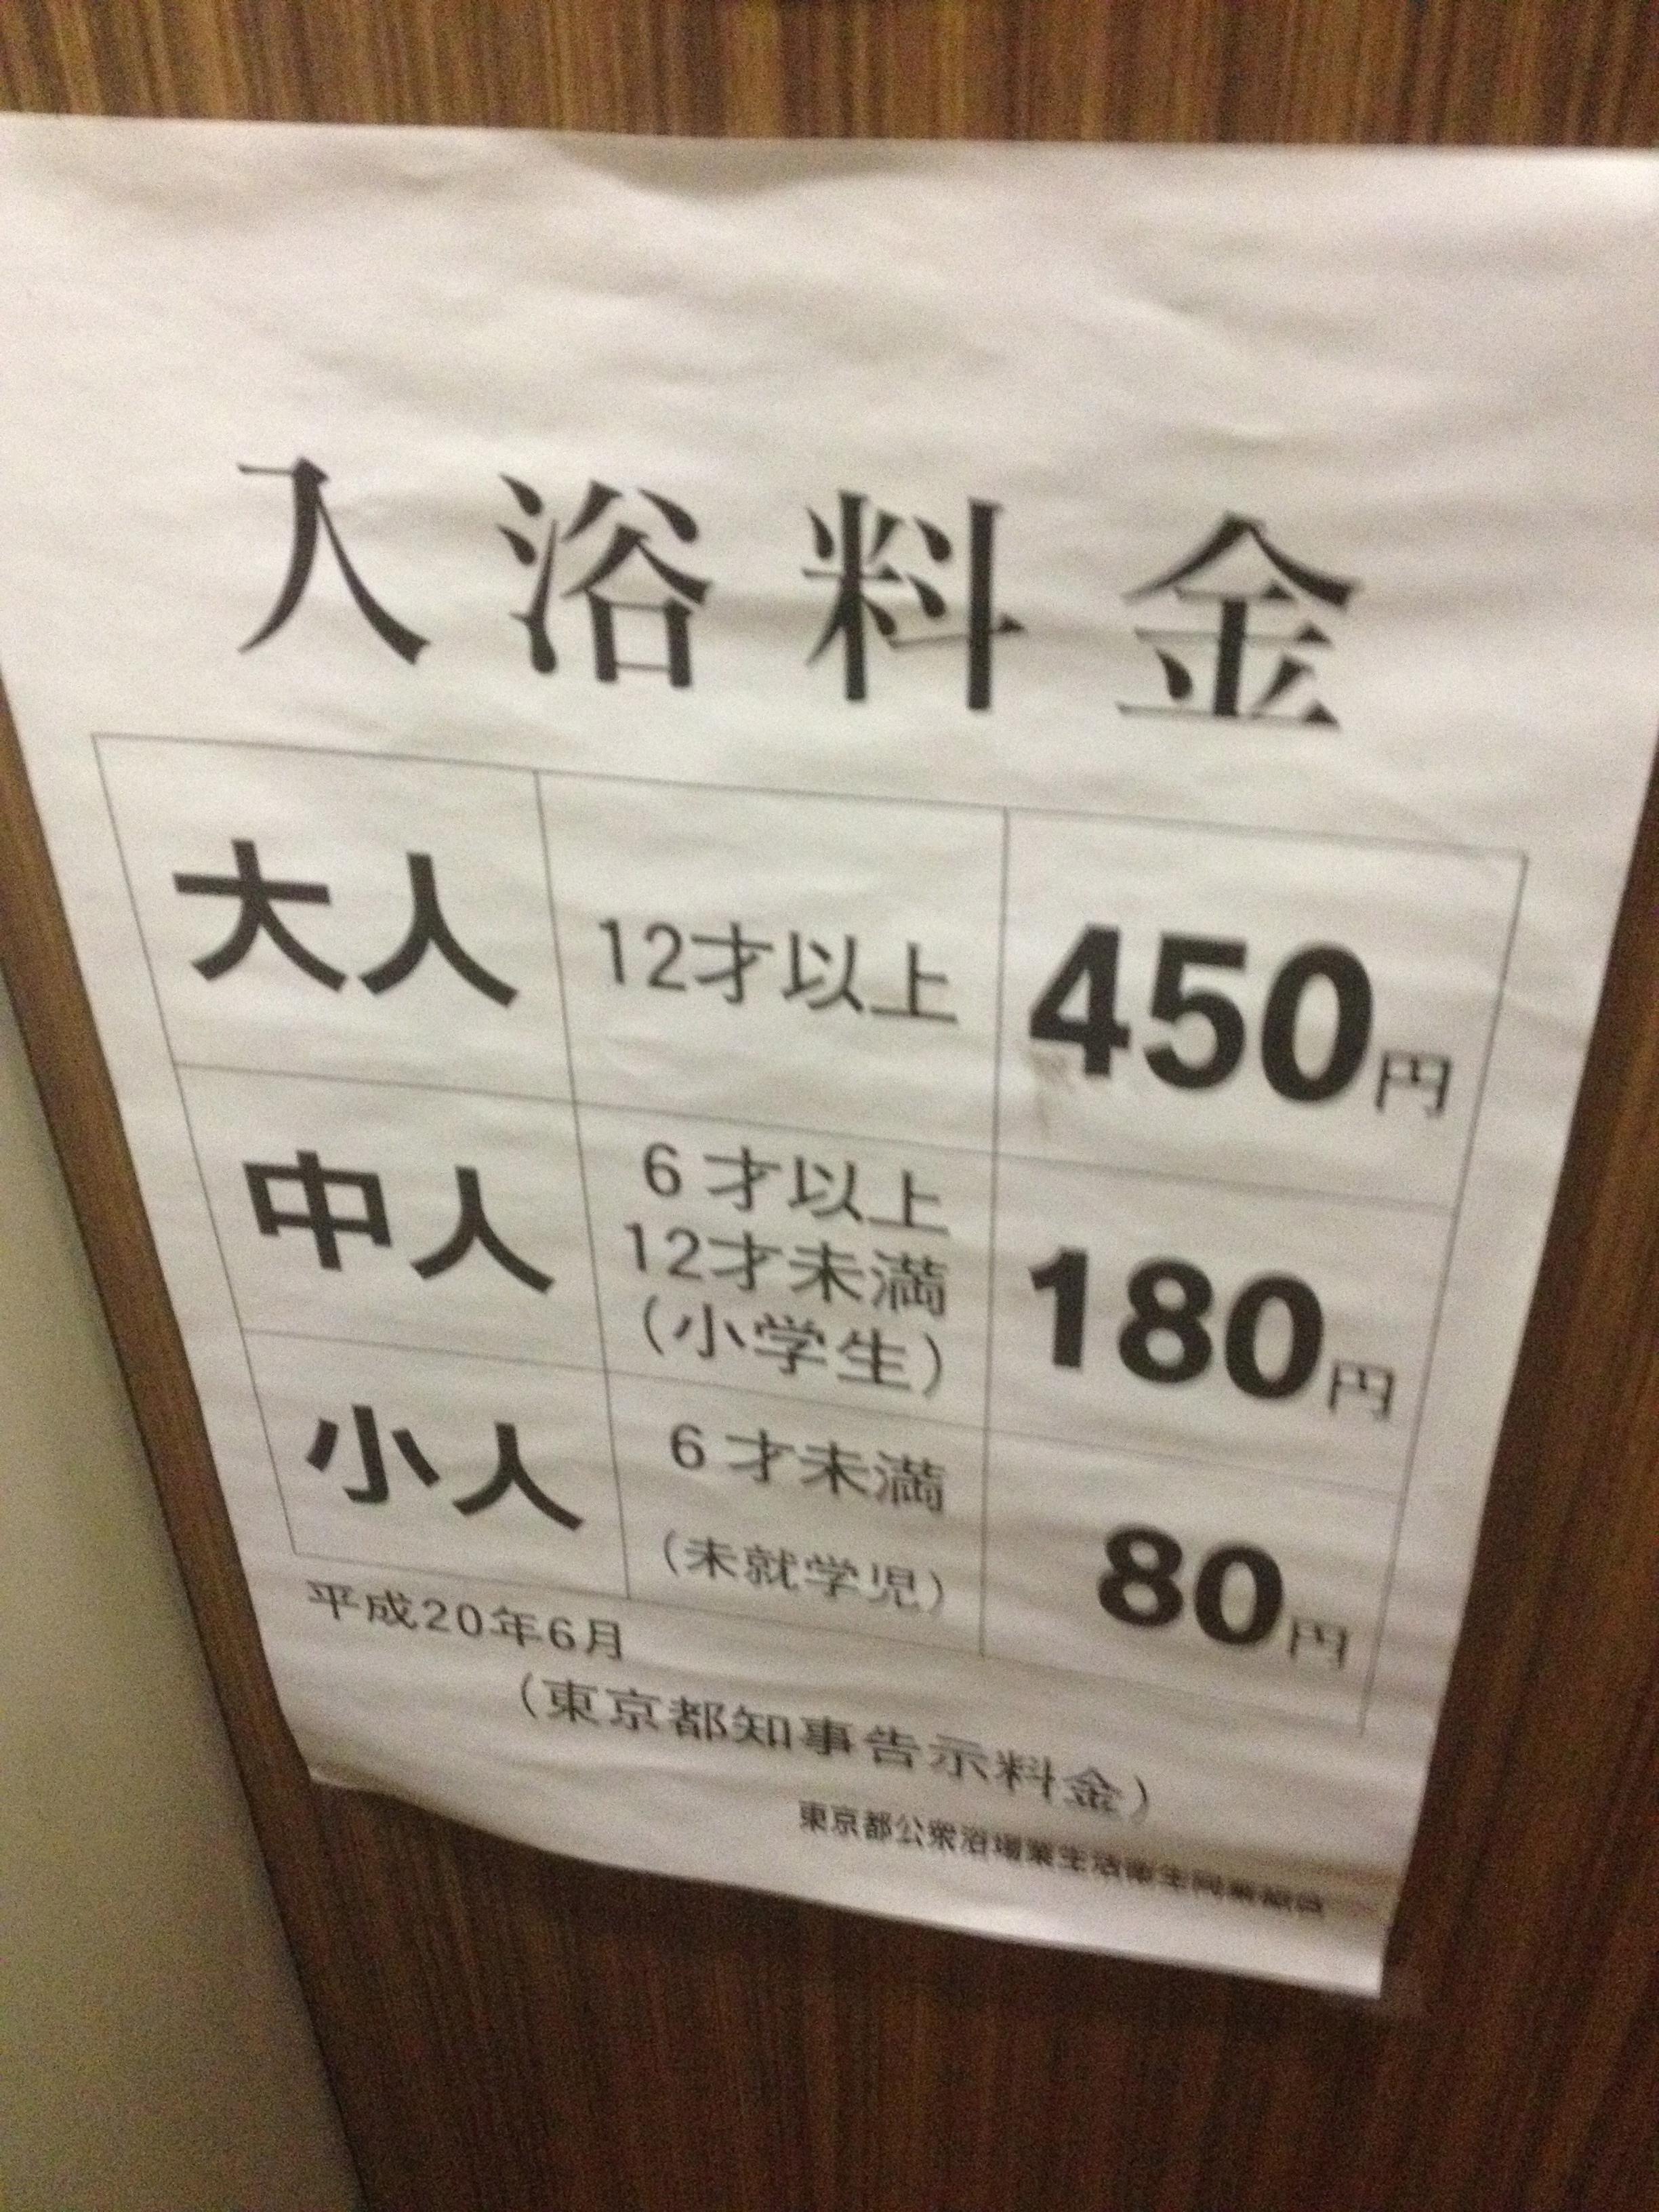 銀座湯の料金は大人450円なり